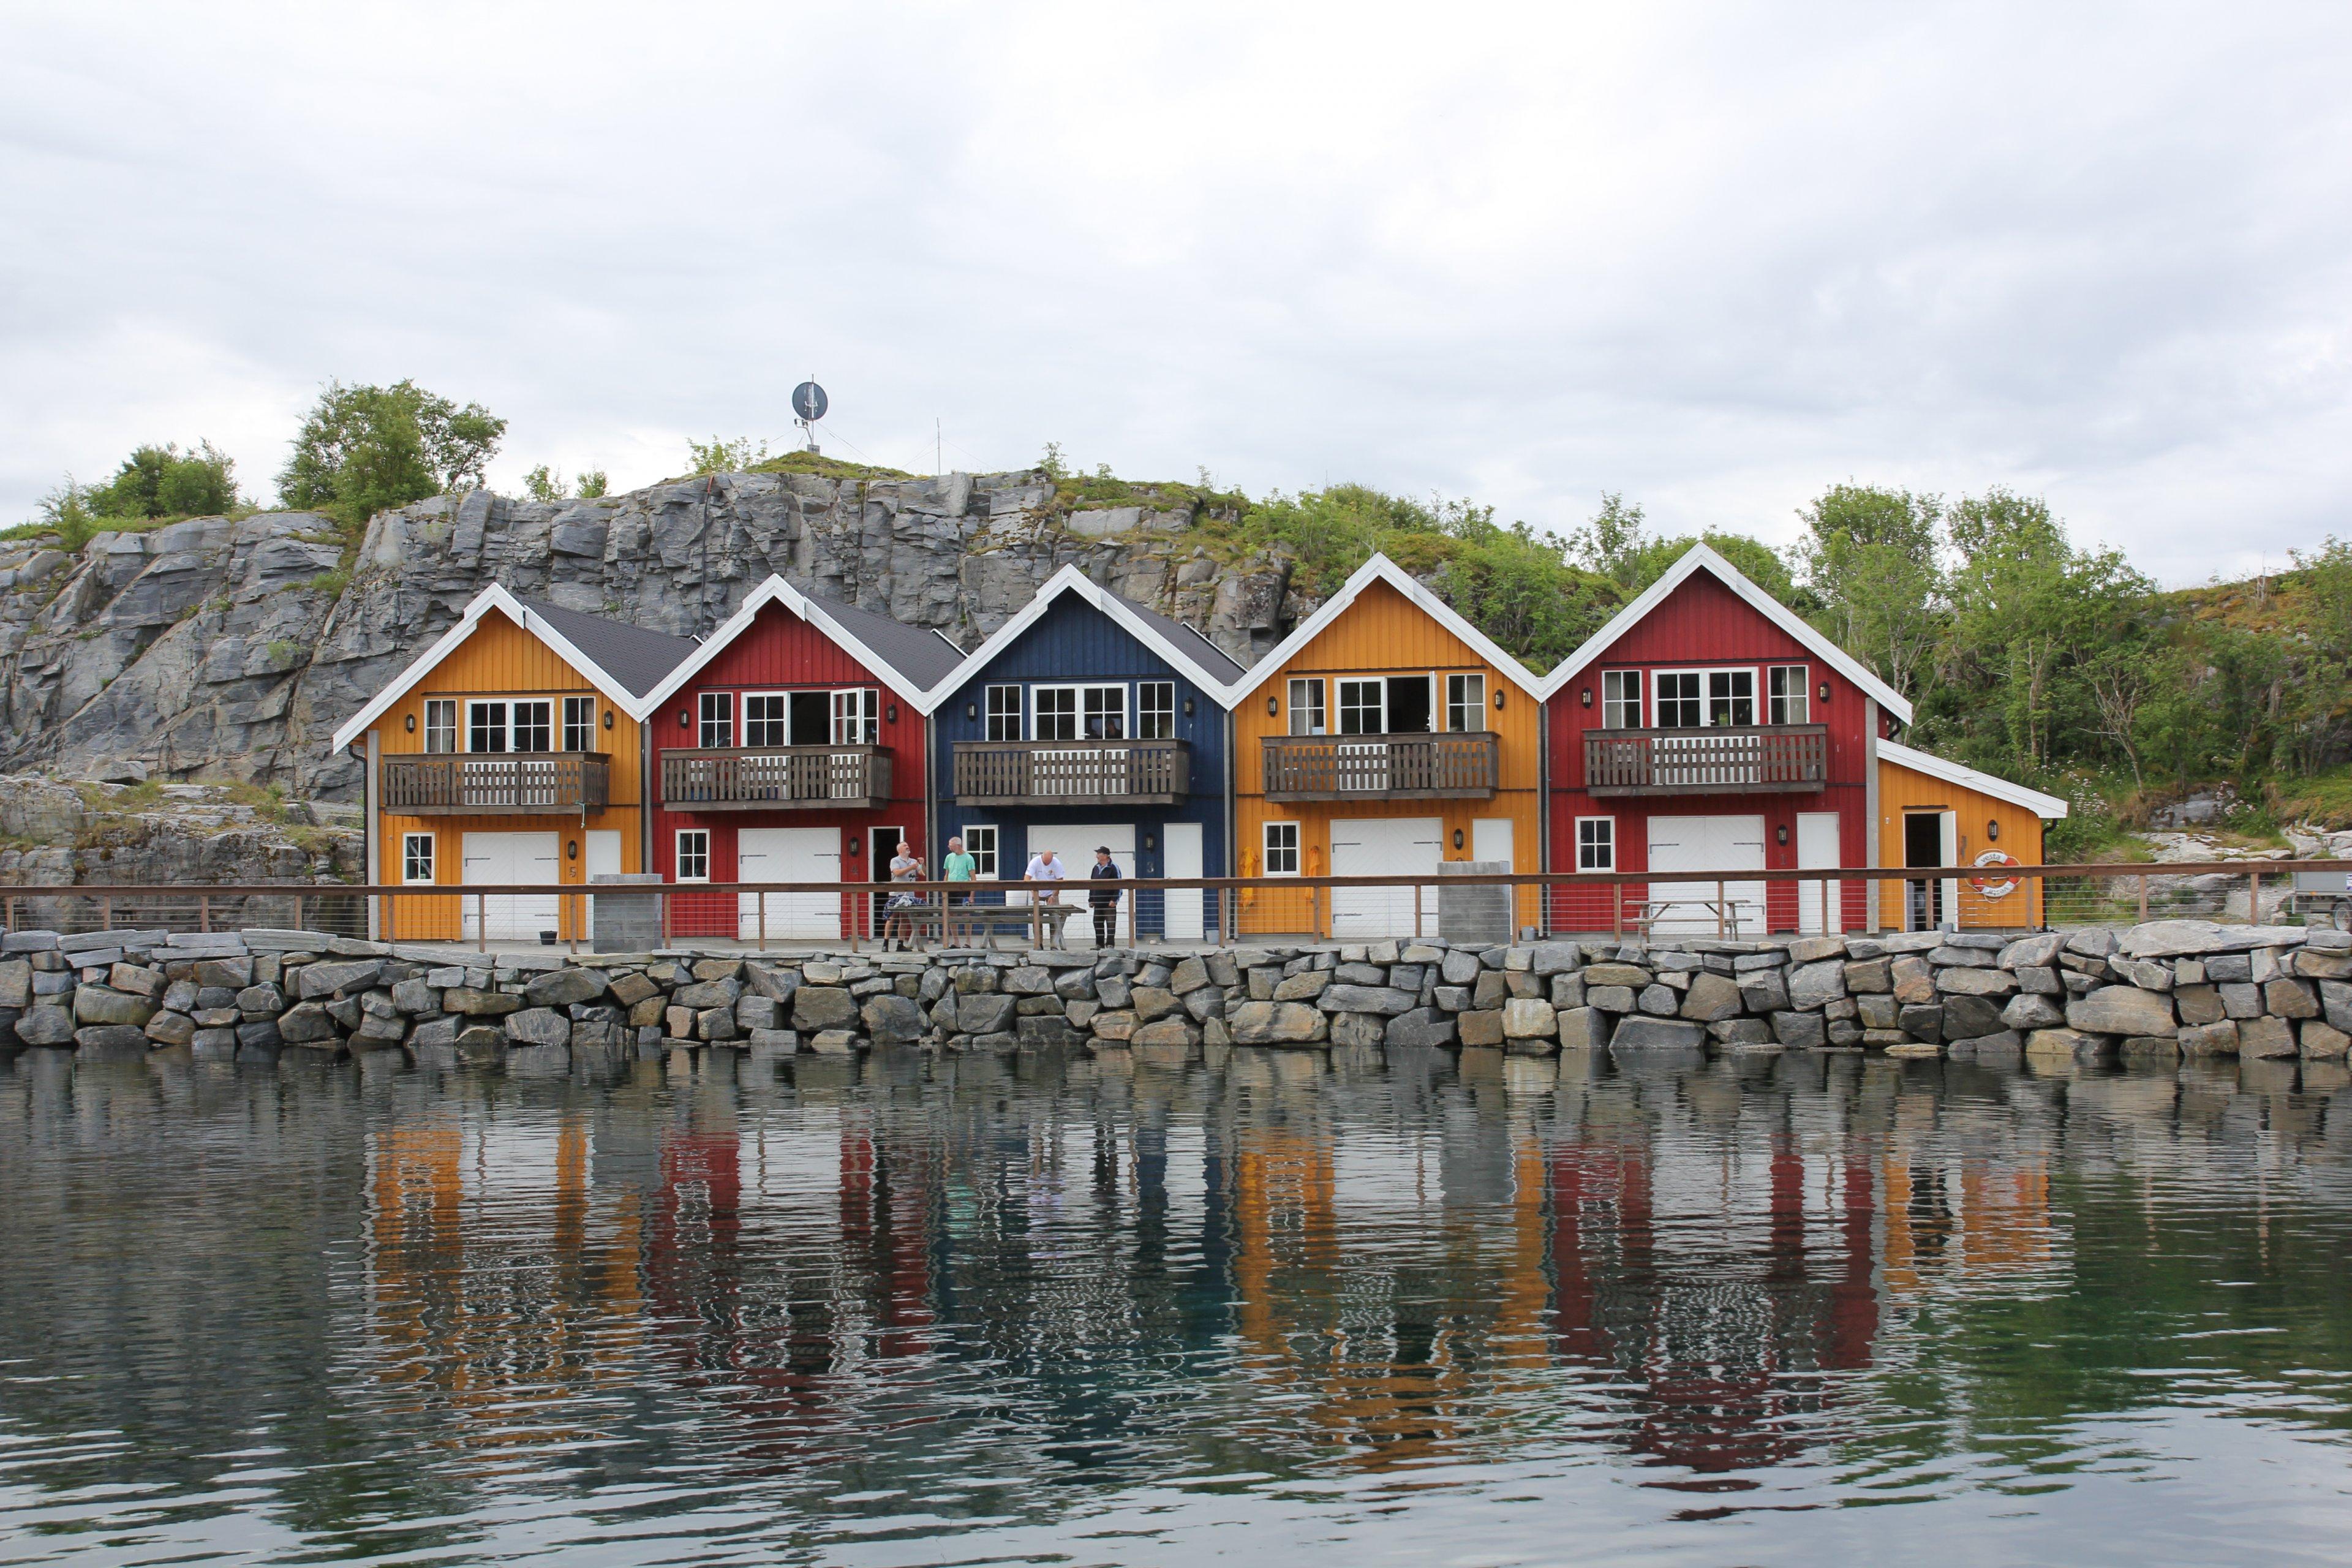 14_Ferienunterkunft_Norwegen.JPG